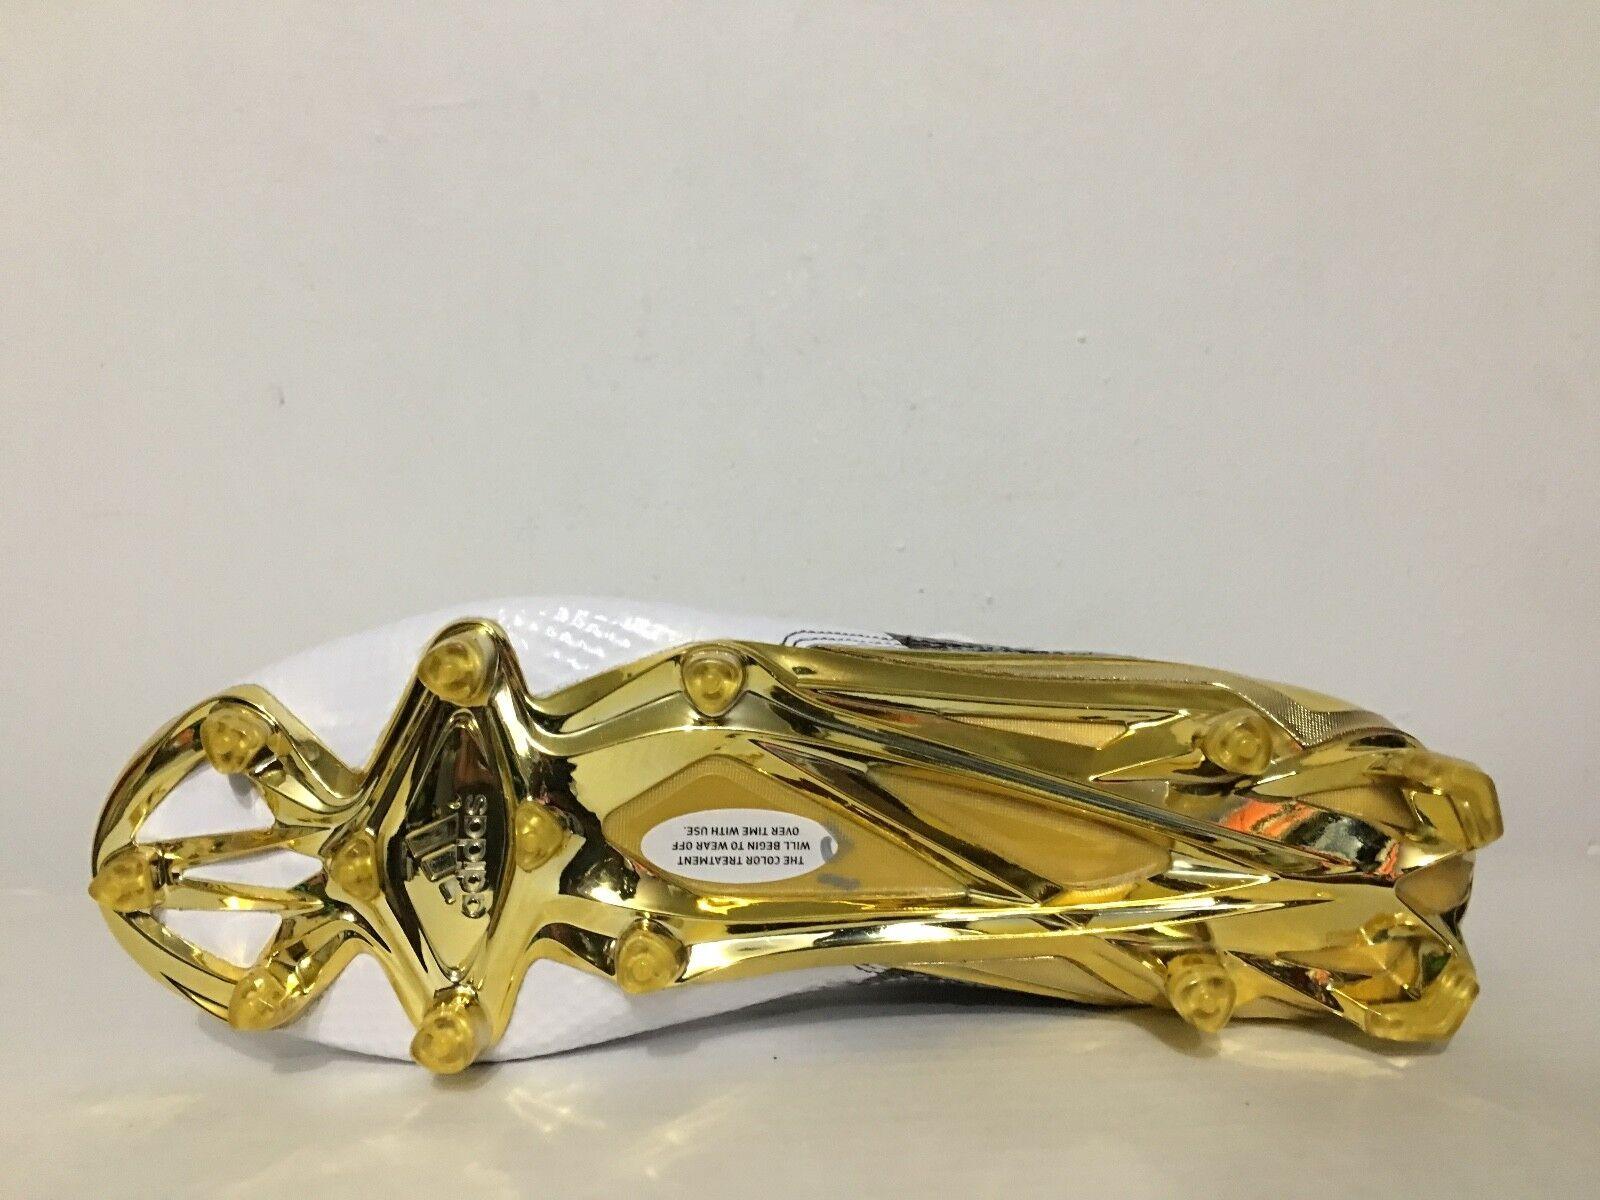 Adidas Adizero Adizero Adizero 5-Star 4.0 5.0 6.0 Basso   Mid Uncaged Calcio Tacchetti 4125d5